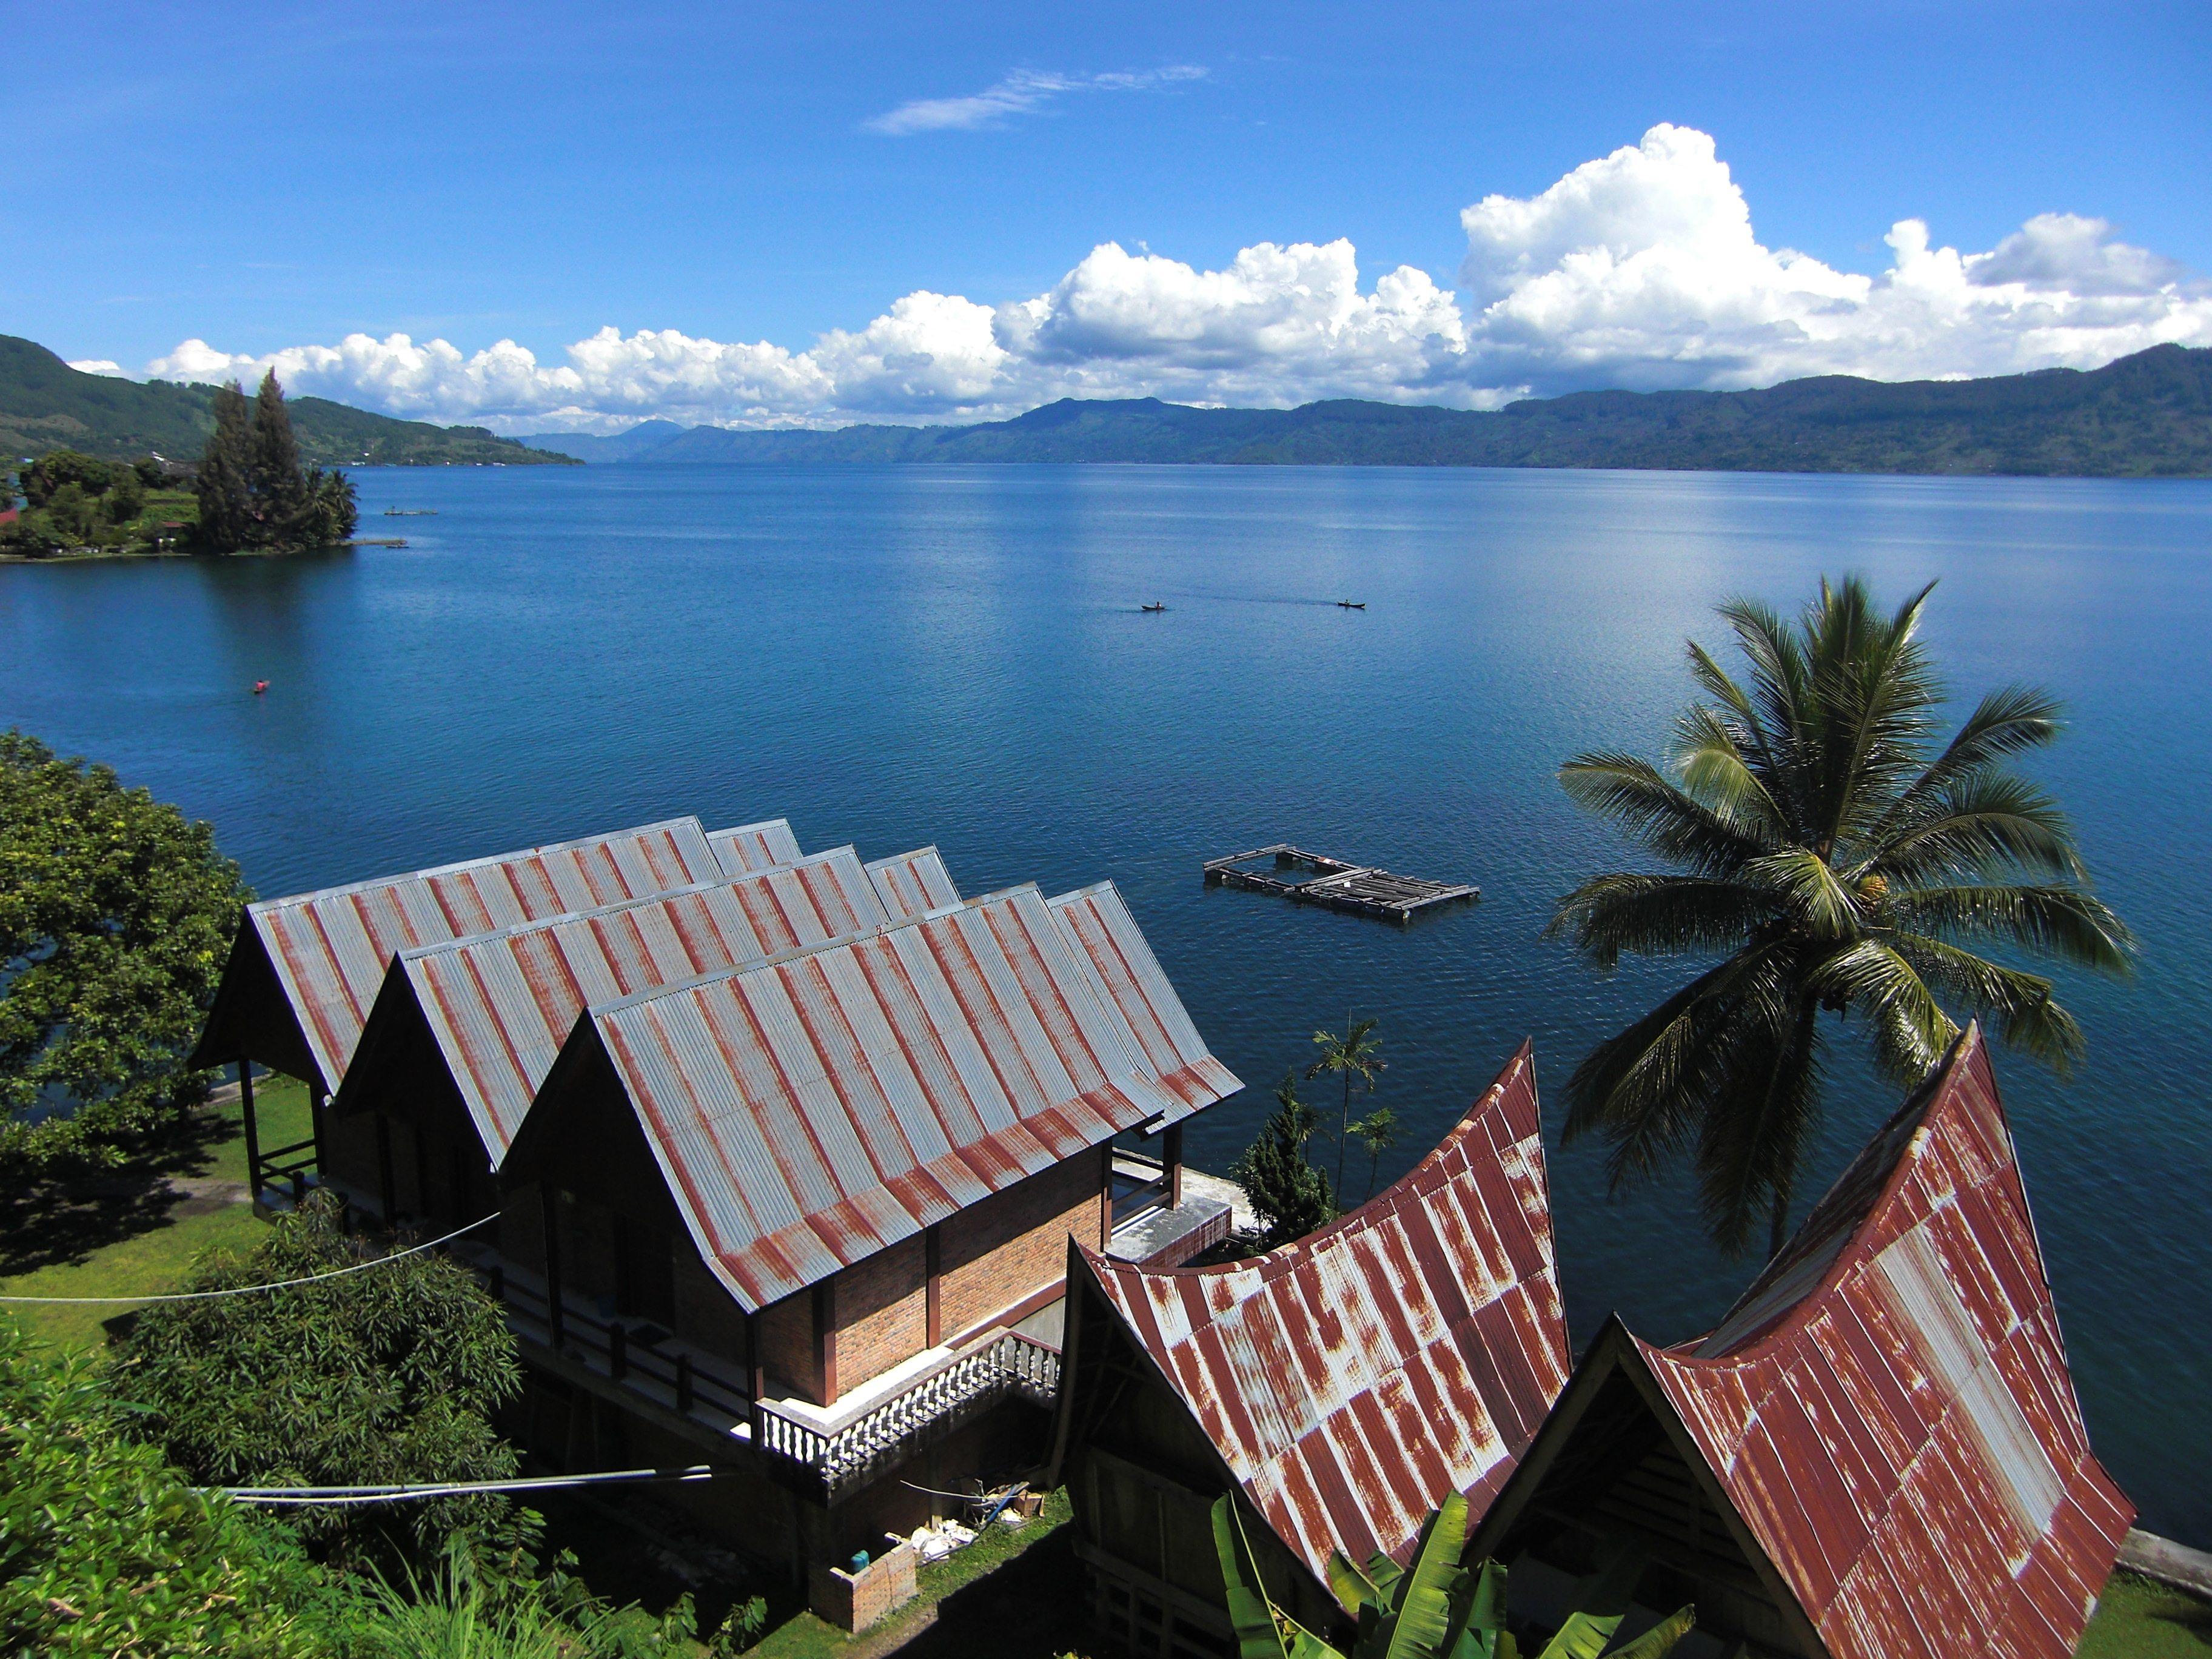 Les meilleurs sites touristiques en Indonésie sont le lac Toba